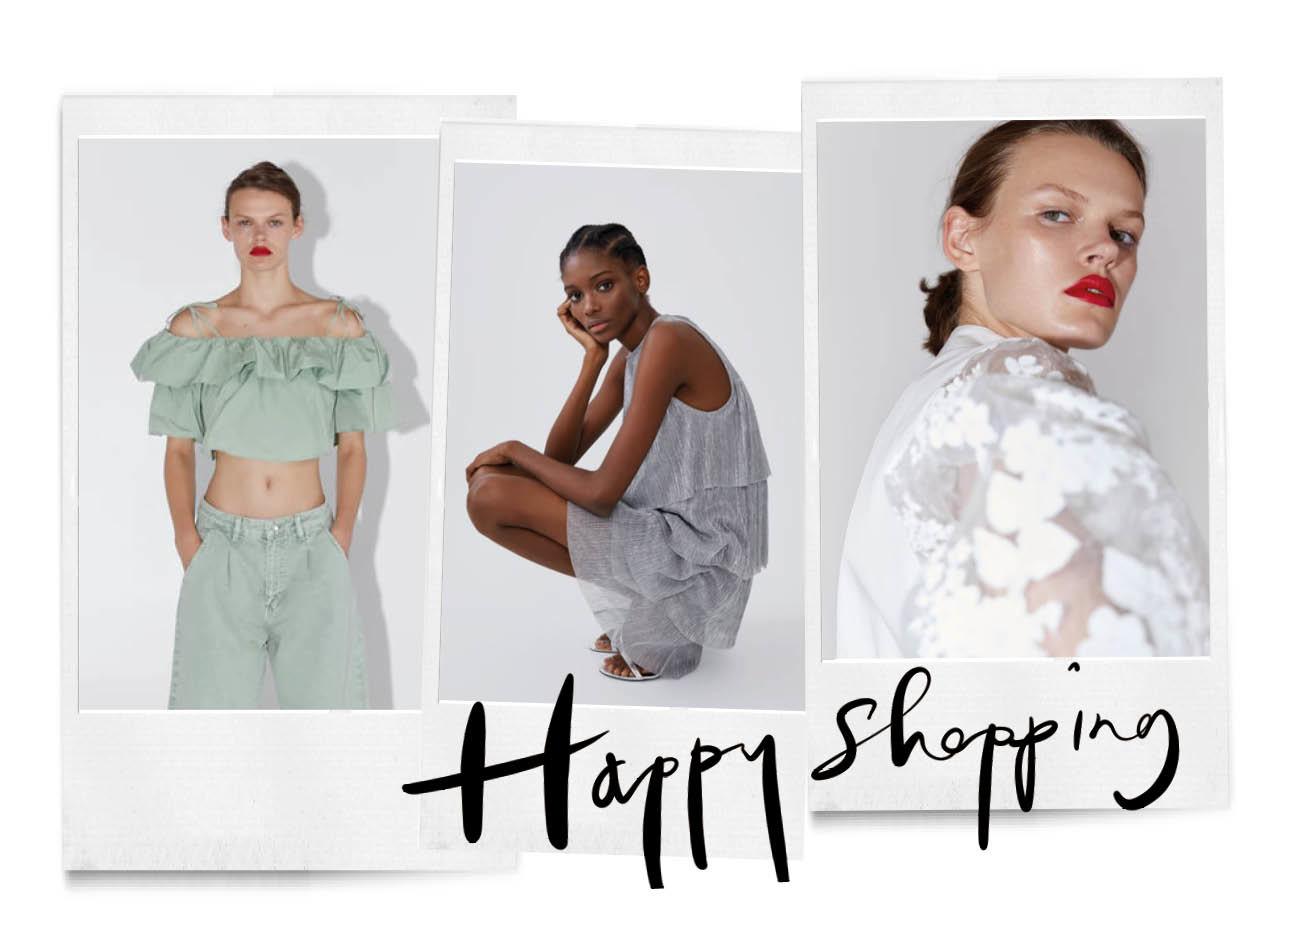 De 6 autumn trends die we nu alvast bij Zara inslaan